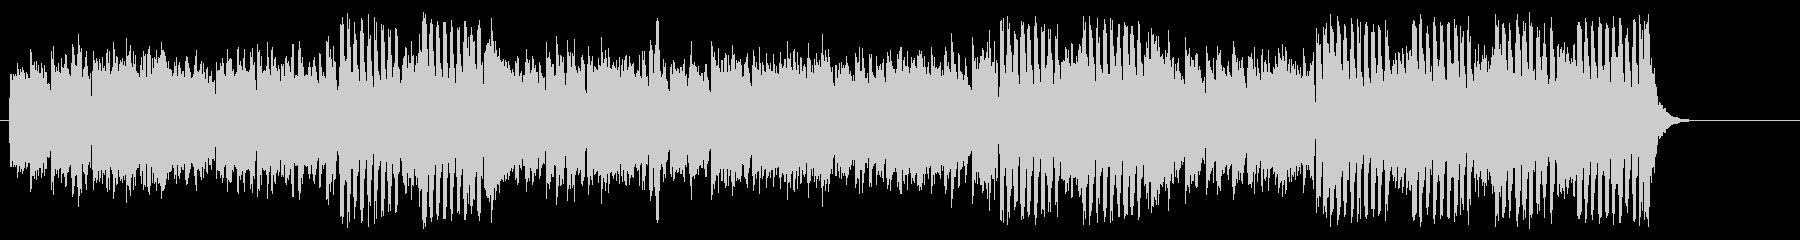 アンニュイなシャンソンテイストのワルツの未再生の波形